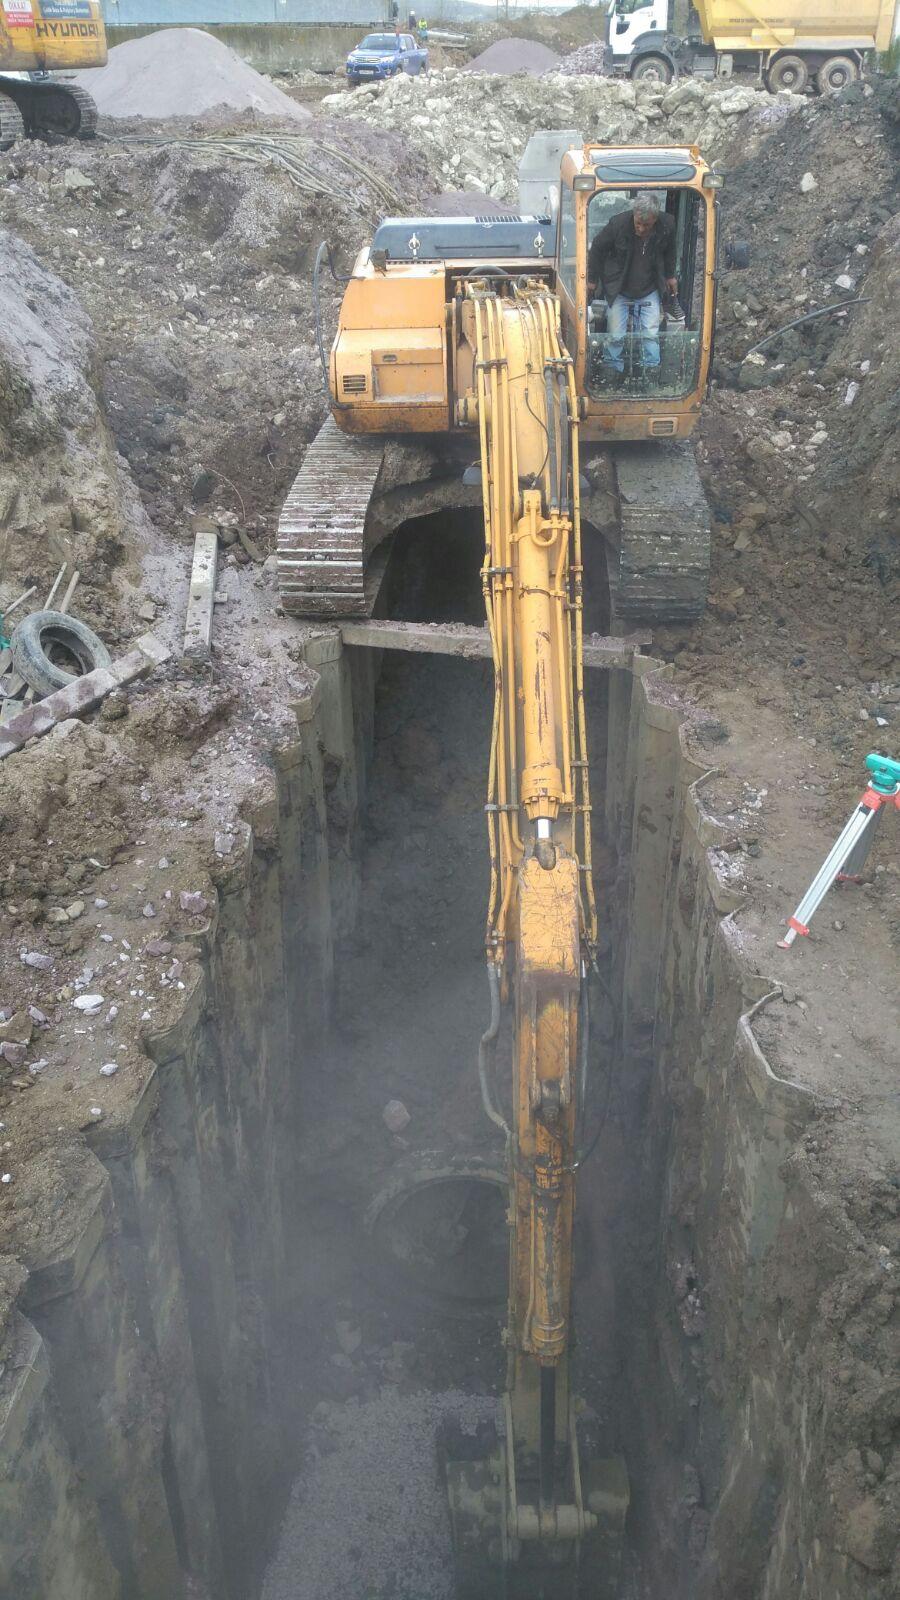 Kullar Arıtma Tesisleri Kanalizasyon Bağlantısı Yapım işi